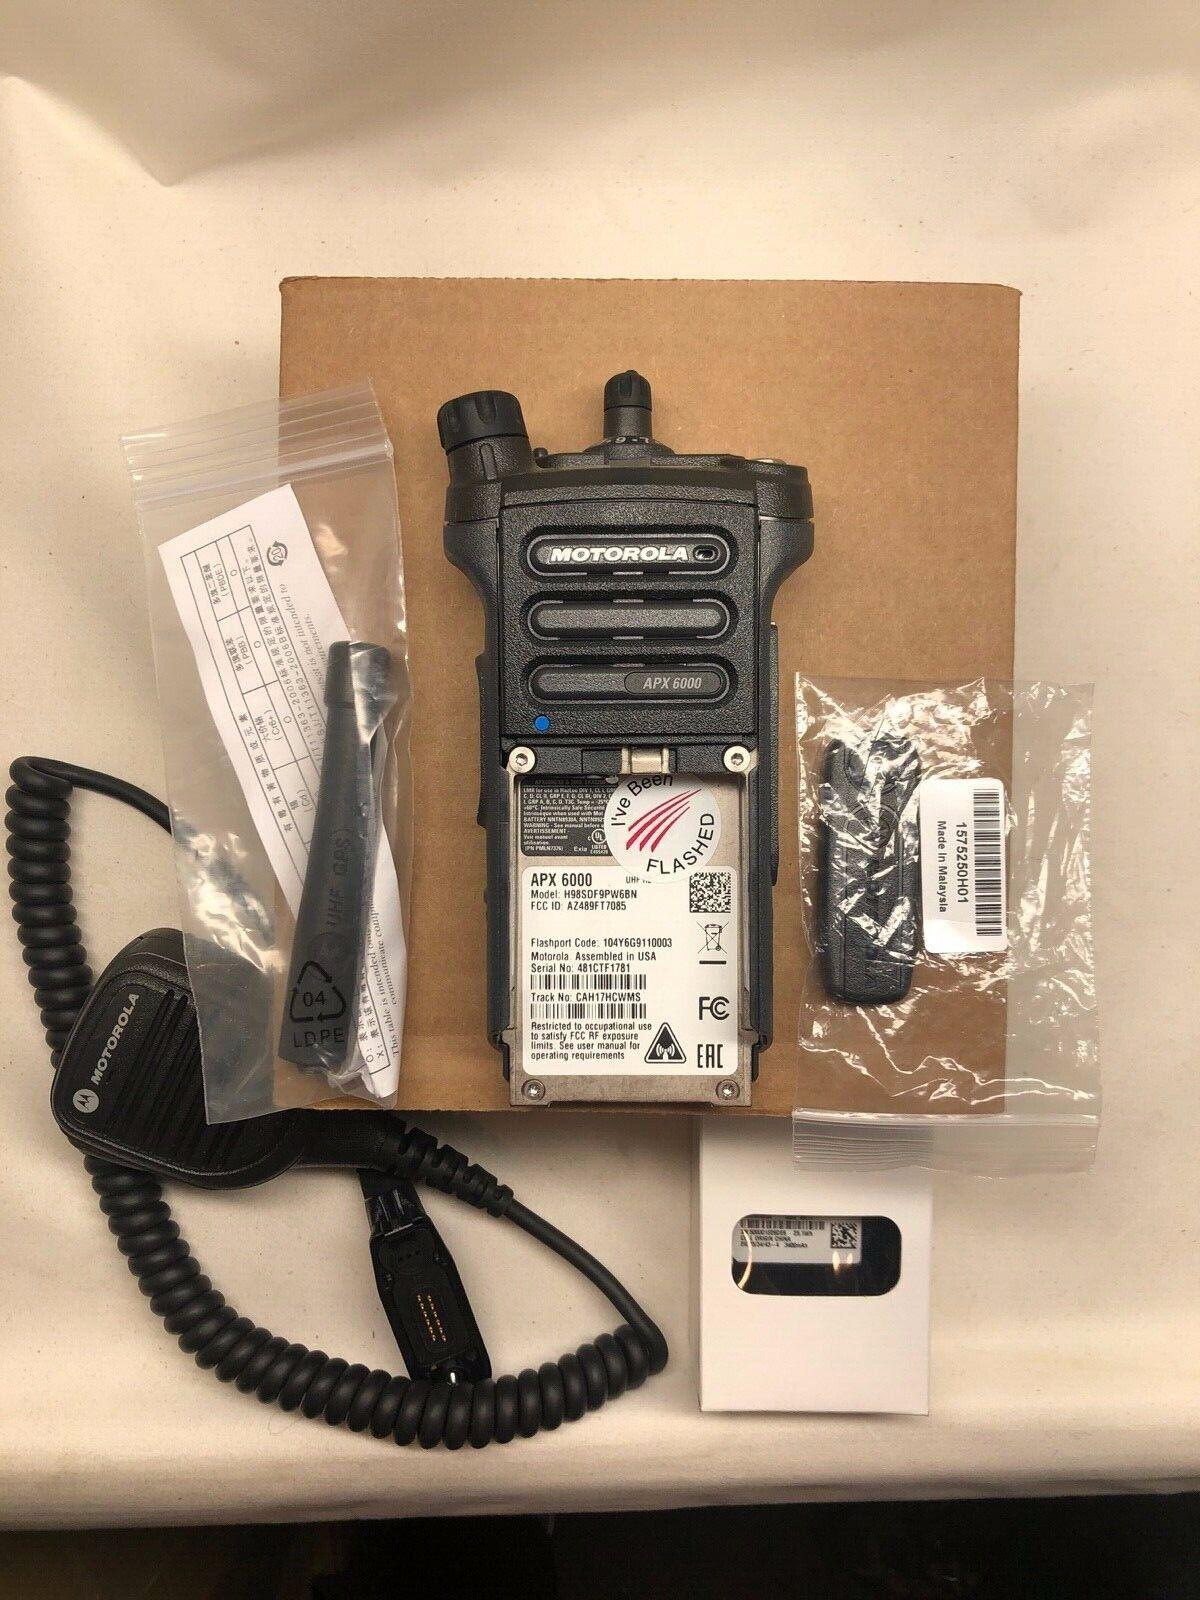 NEW RADIO: MOTOROLA APX6000 Mdl 2.5 UHF 450-520MHZ UL/I.S BLACK w/ acc BN. Buy it now for 2200.00